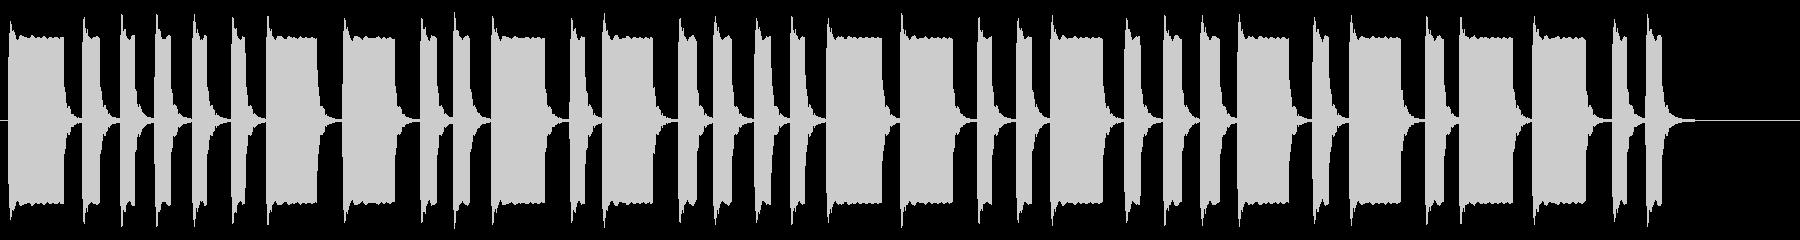 モールス信号 ぴ ぴー ピー ピ ピ…の未再生の波形